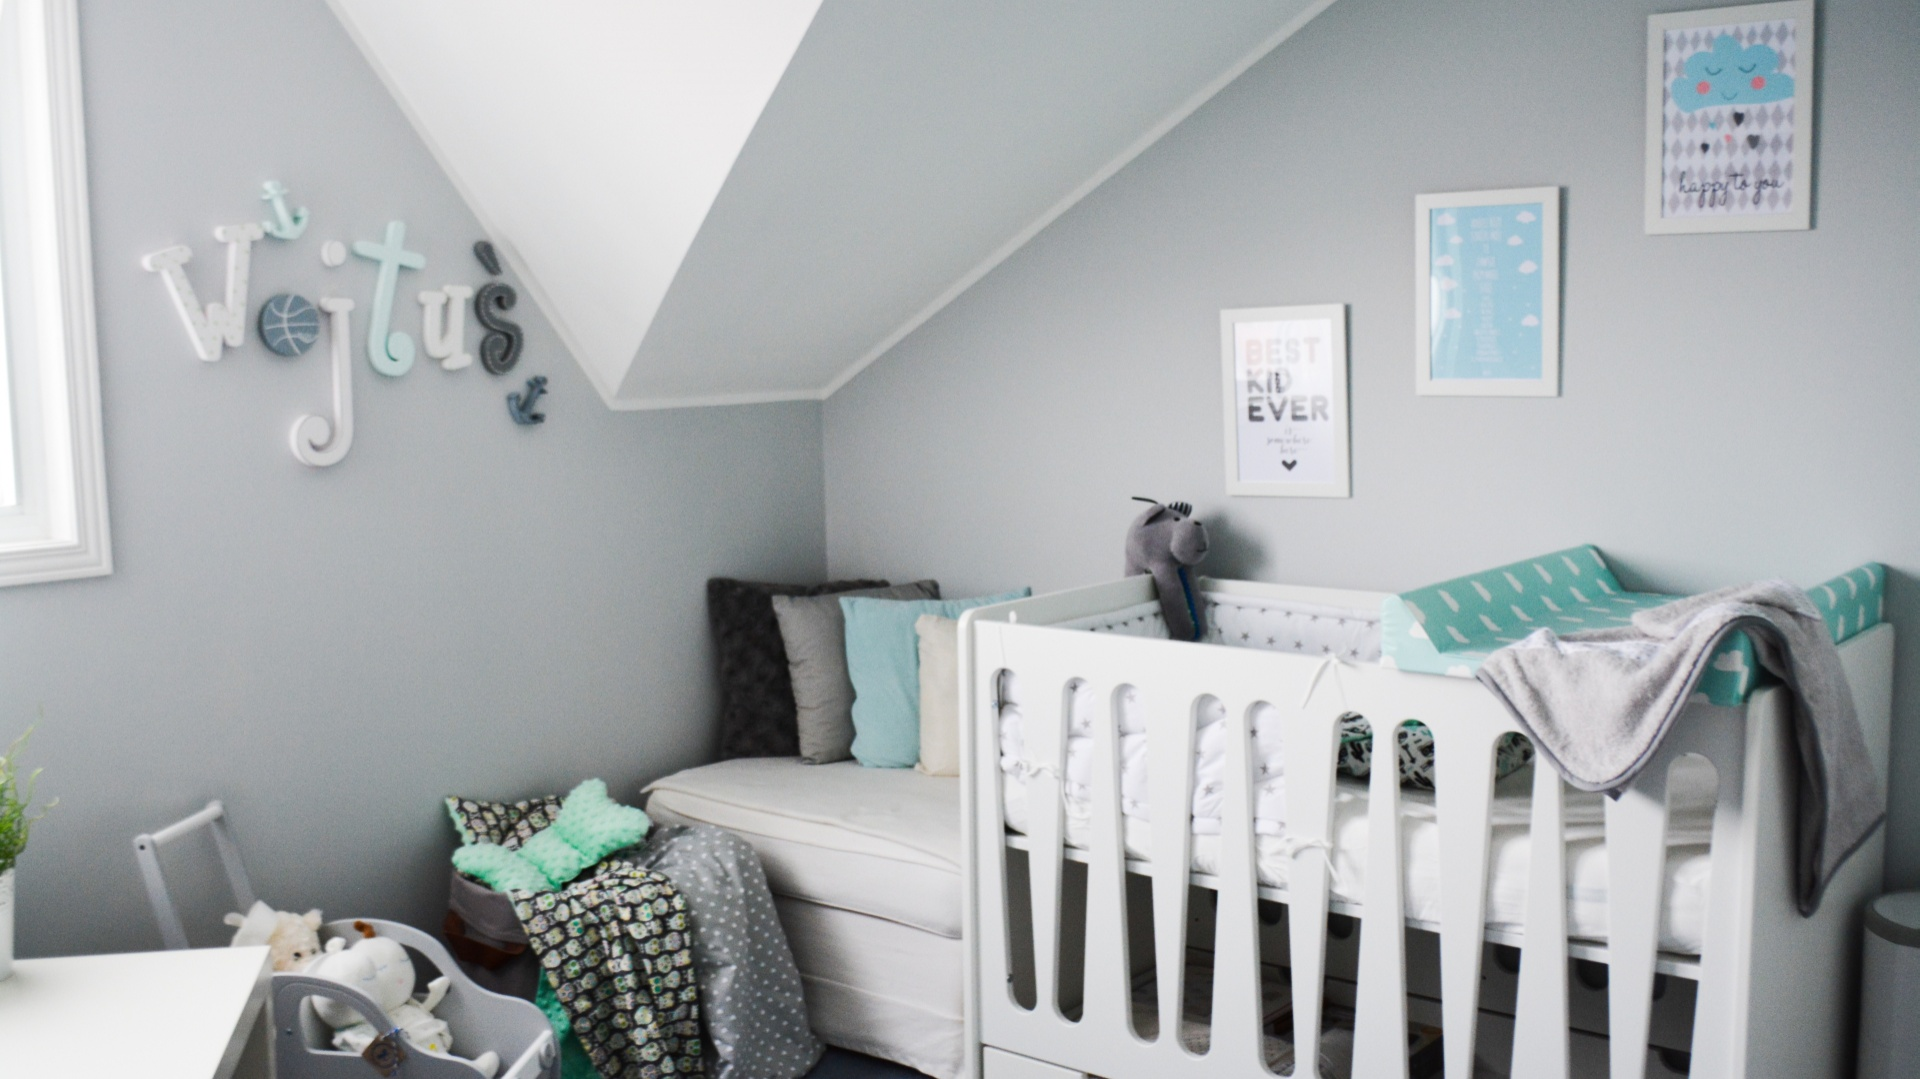 aran acja pokoju dla pomys na pok j dla niemowlaka propozycja dla ch opca. Black Bedroom Furniture Sets. Home Design Ideas